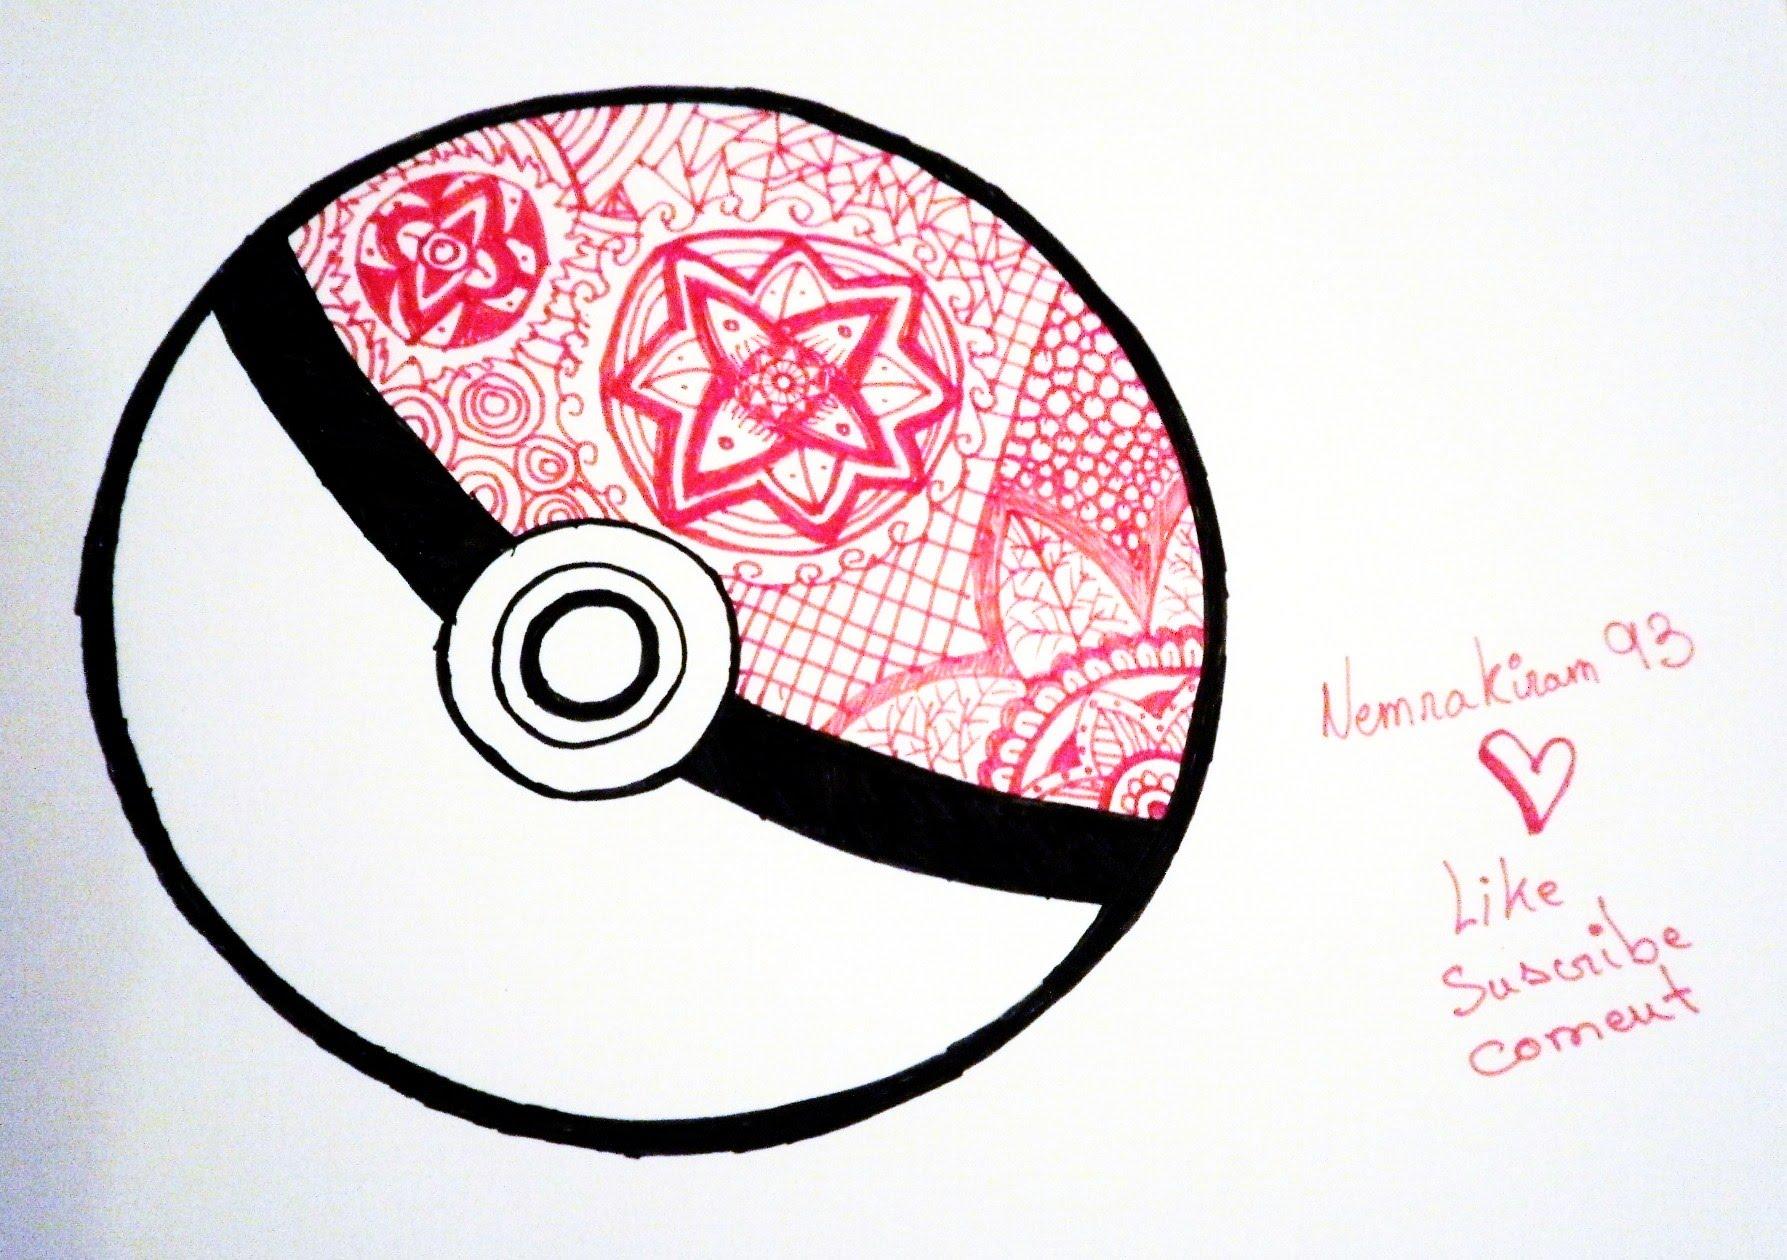 Drawn pokeball doodle YouTube Pokeball Pokeball Doodle Doodle